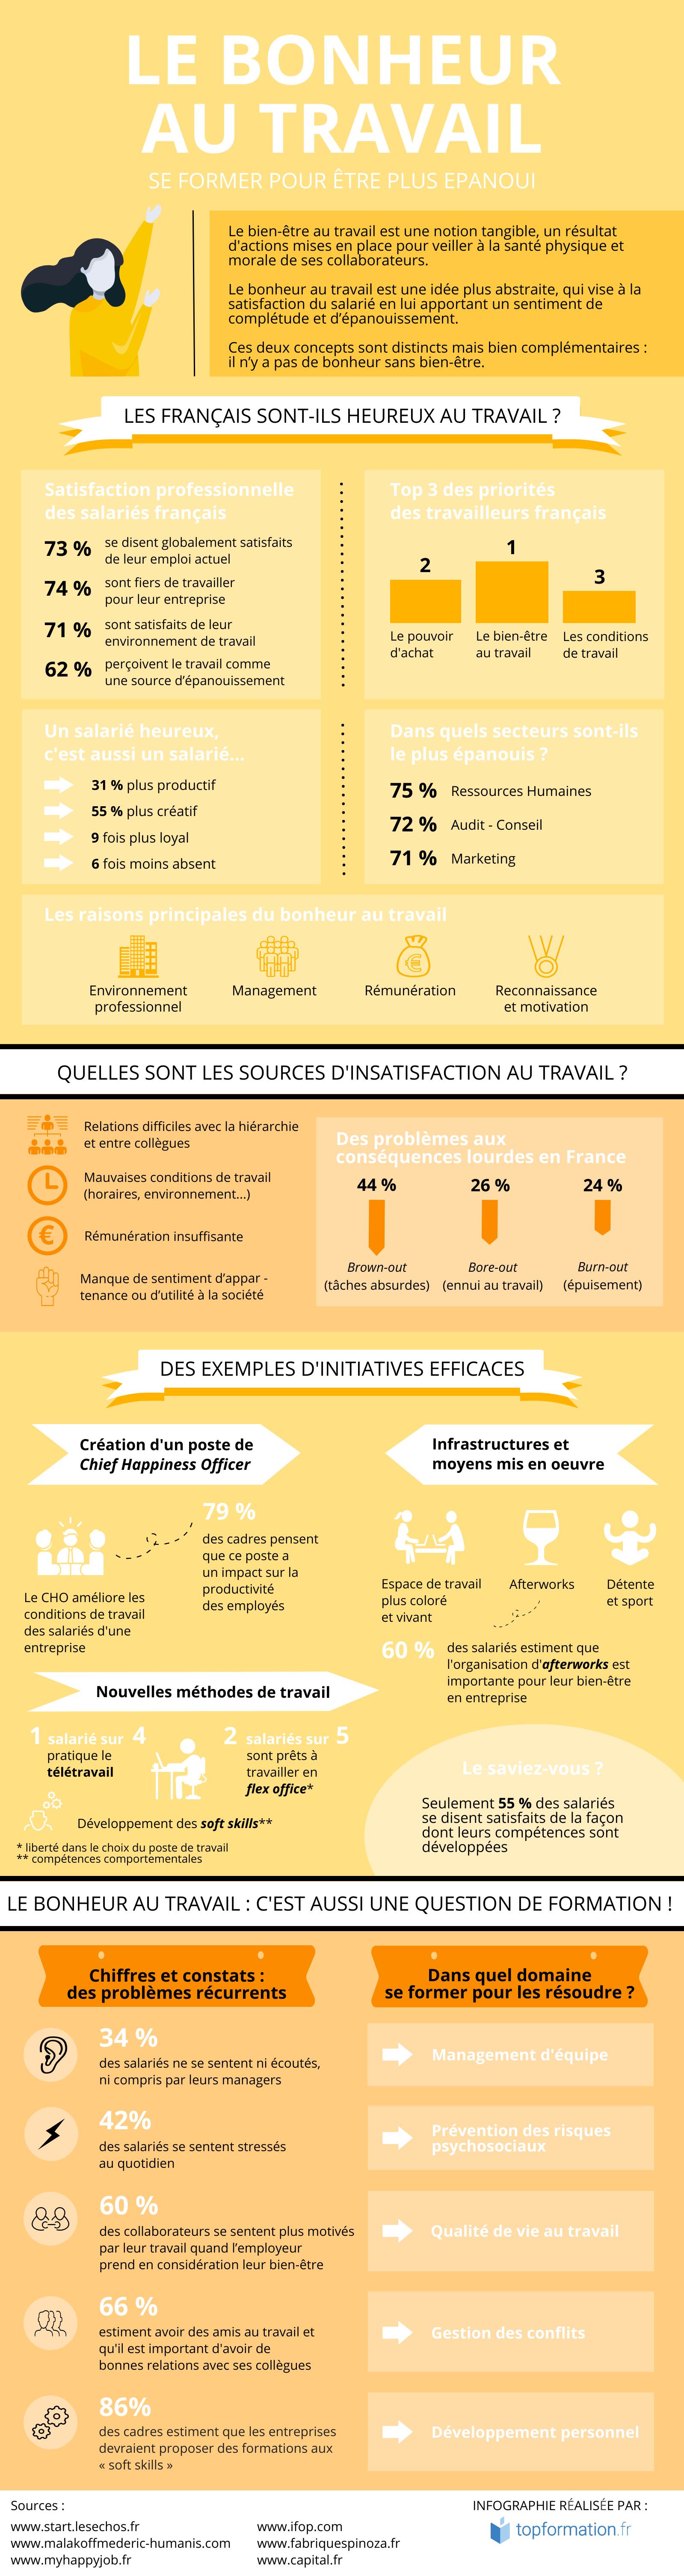 Infographie Bonheur au travail : et si la formation était la réponse ?